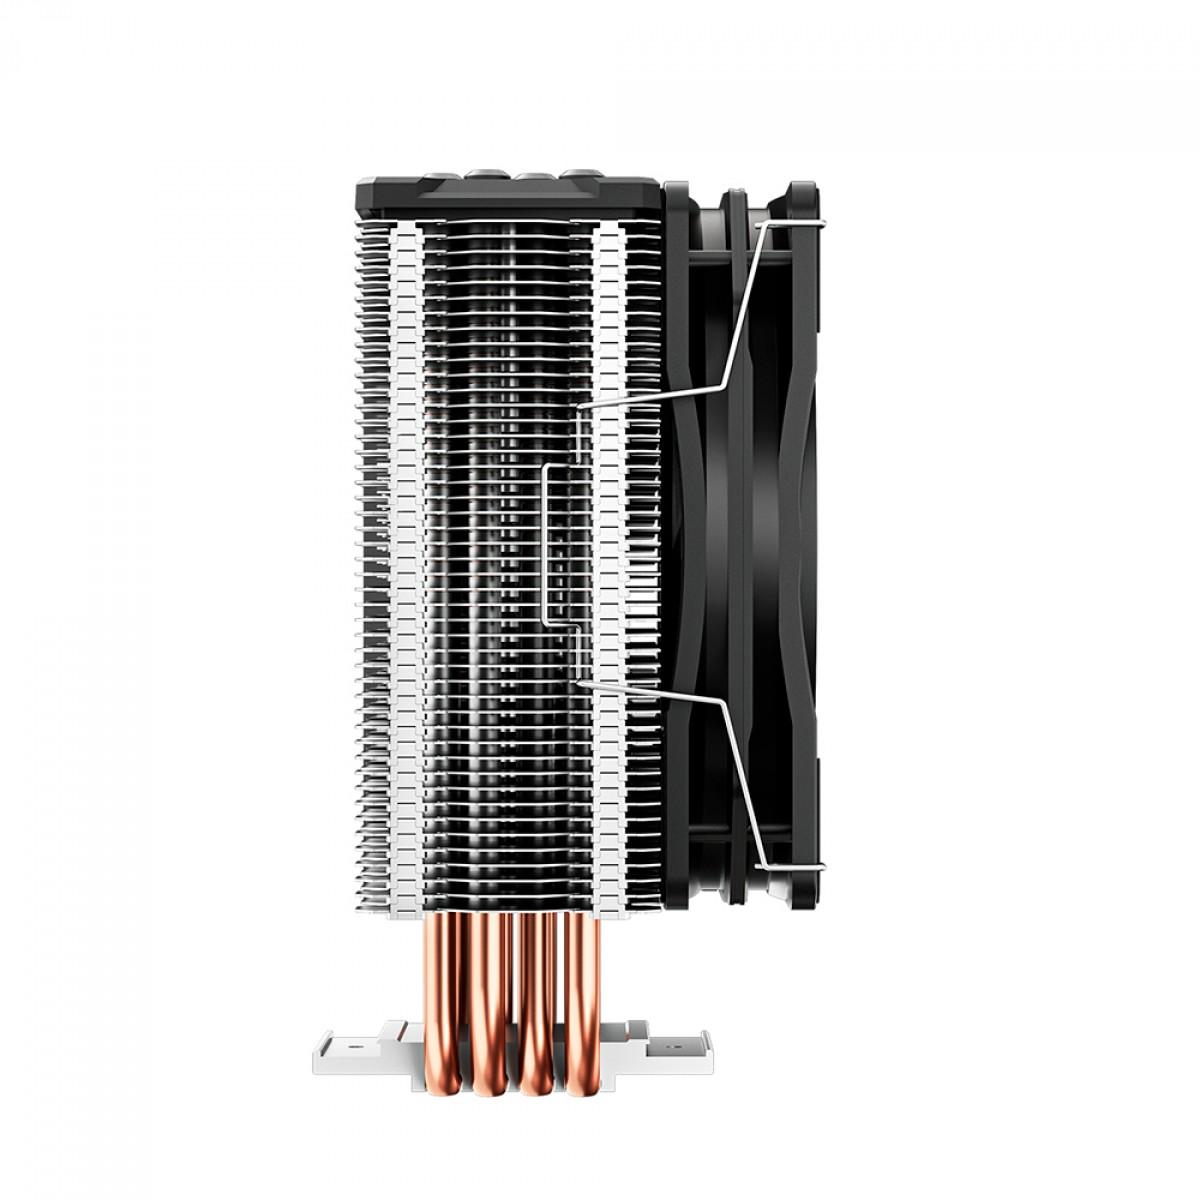 Cooler para Processador DeepCool Gammaxx 400 XT, Rainbow, 120mm, Intel-AMD, DP-MCH4-GMX400-XT